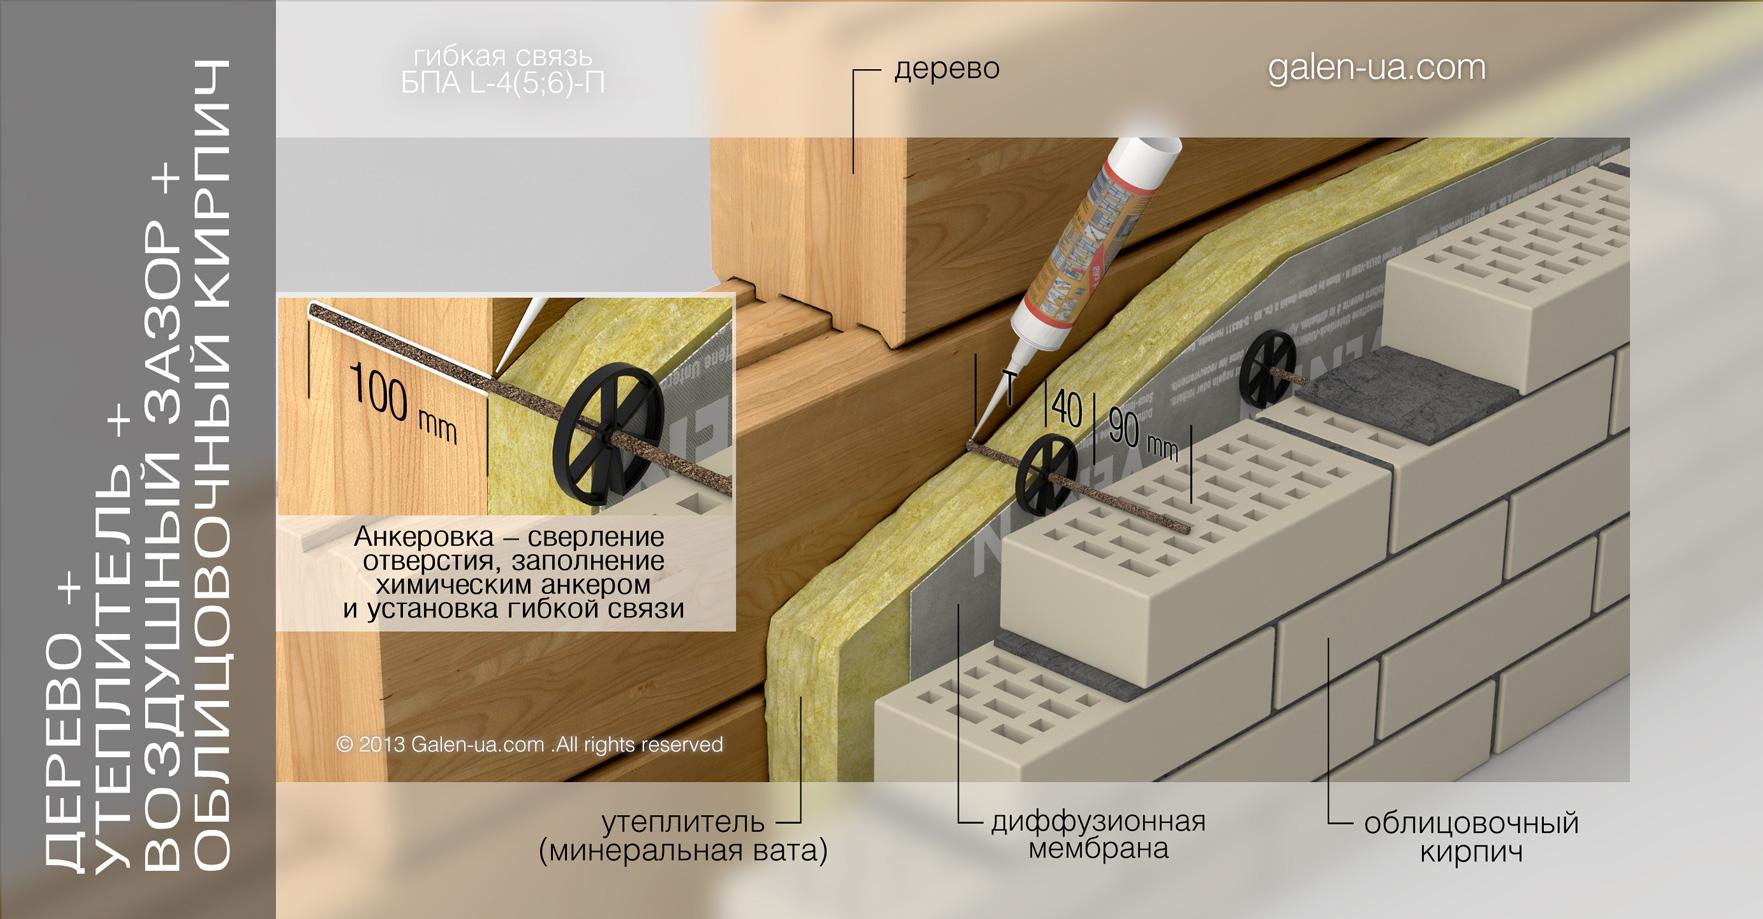 Гибкая связь БПА L-4(5;6)-П: Дерево + Утеплитель + Воздушный зазор + Облицовочный кирпич